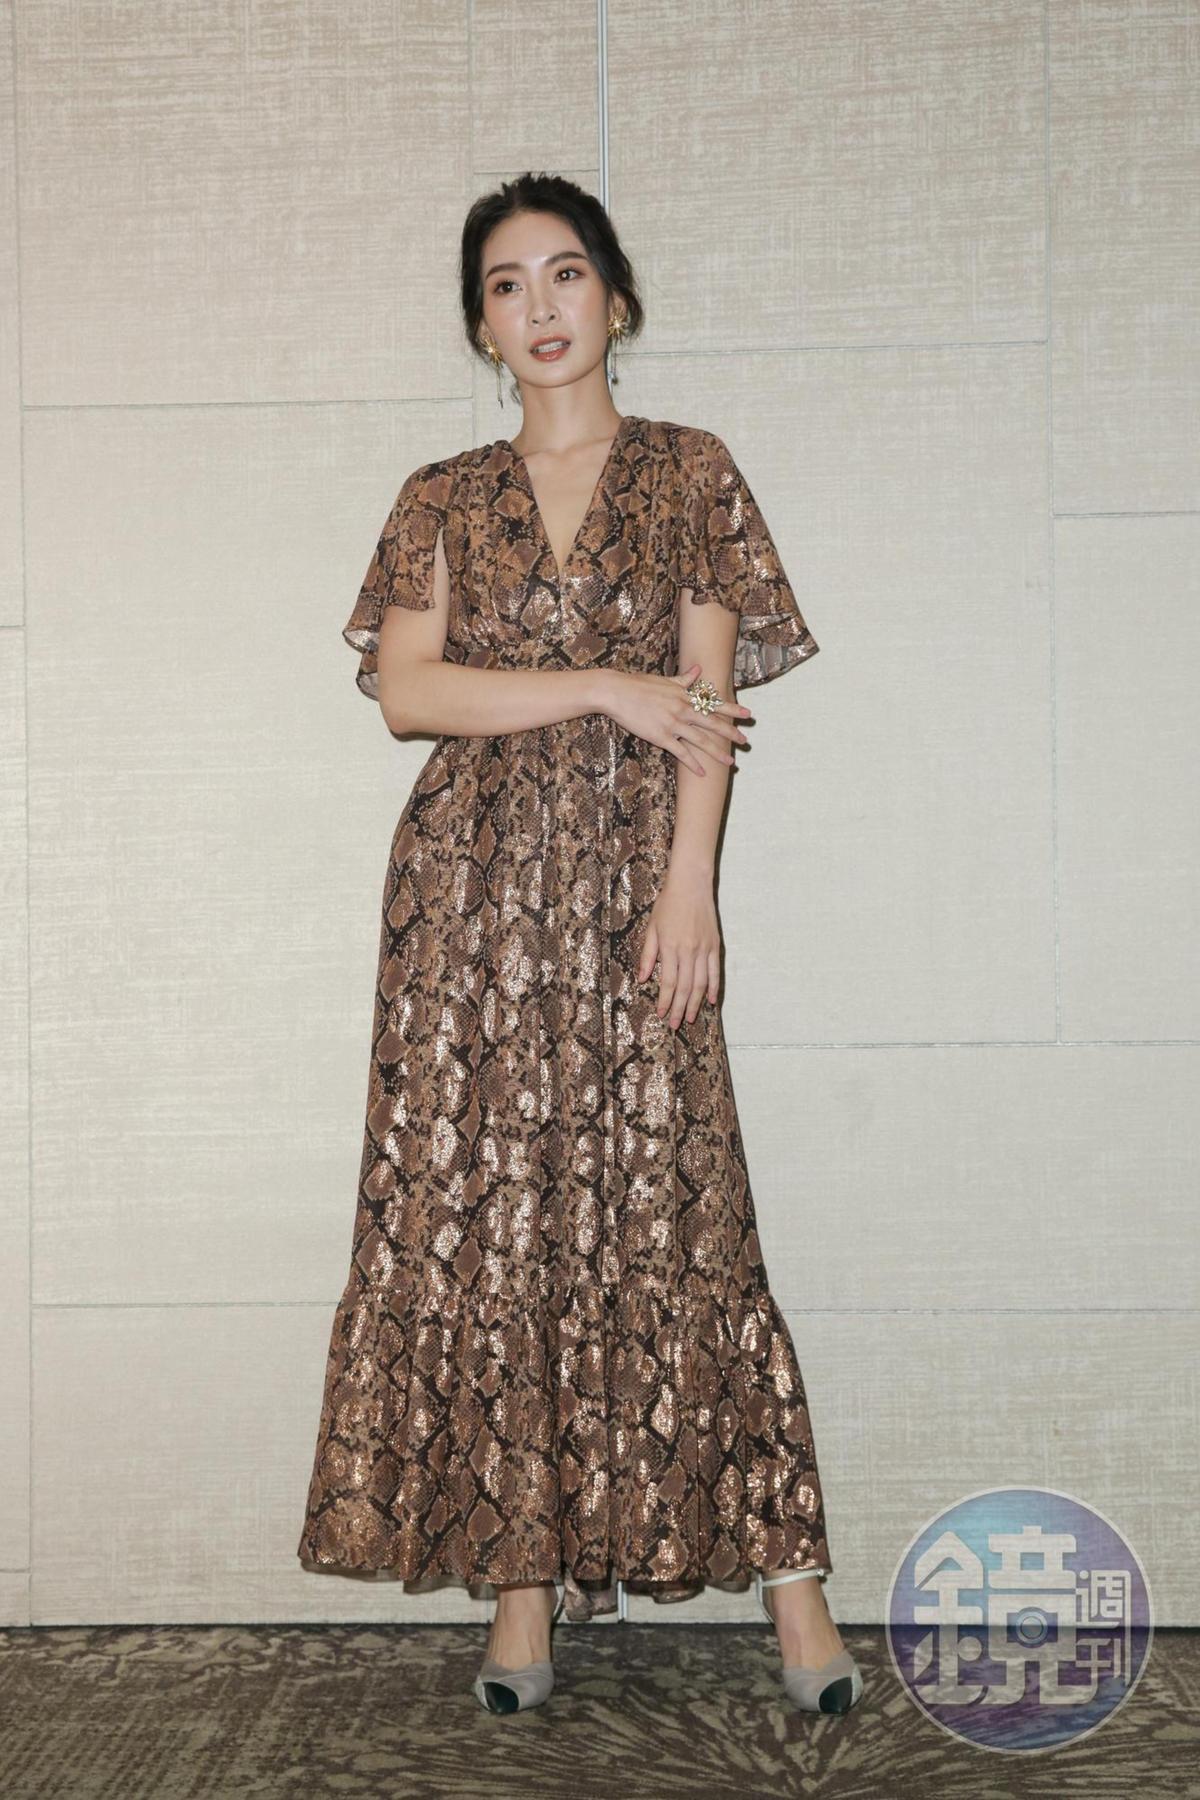 以《野雀之詩》酒店妹角色入圍最佳女主角的李亦捷,平日不愛穿裸露的衣服,為了拍戲強迫自己進入狀況。